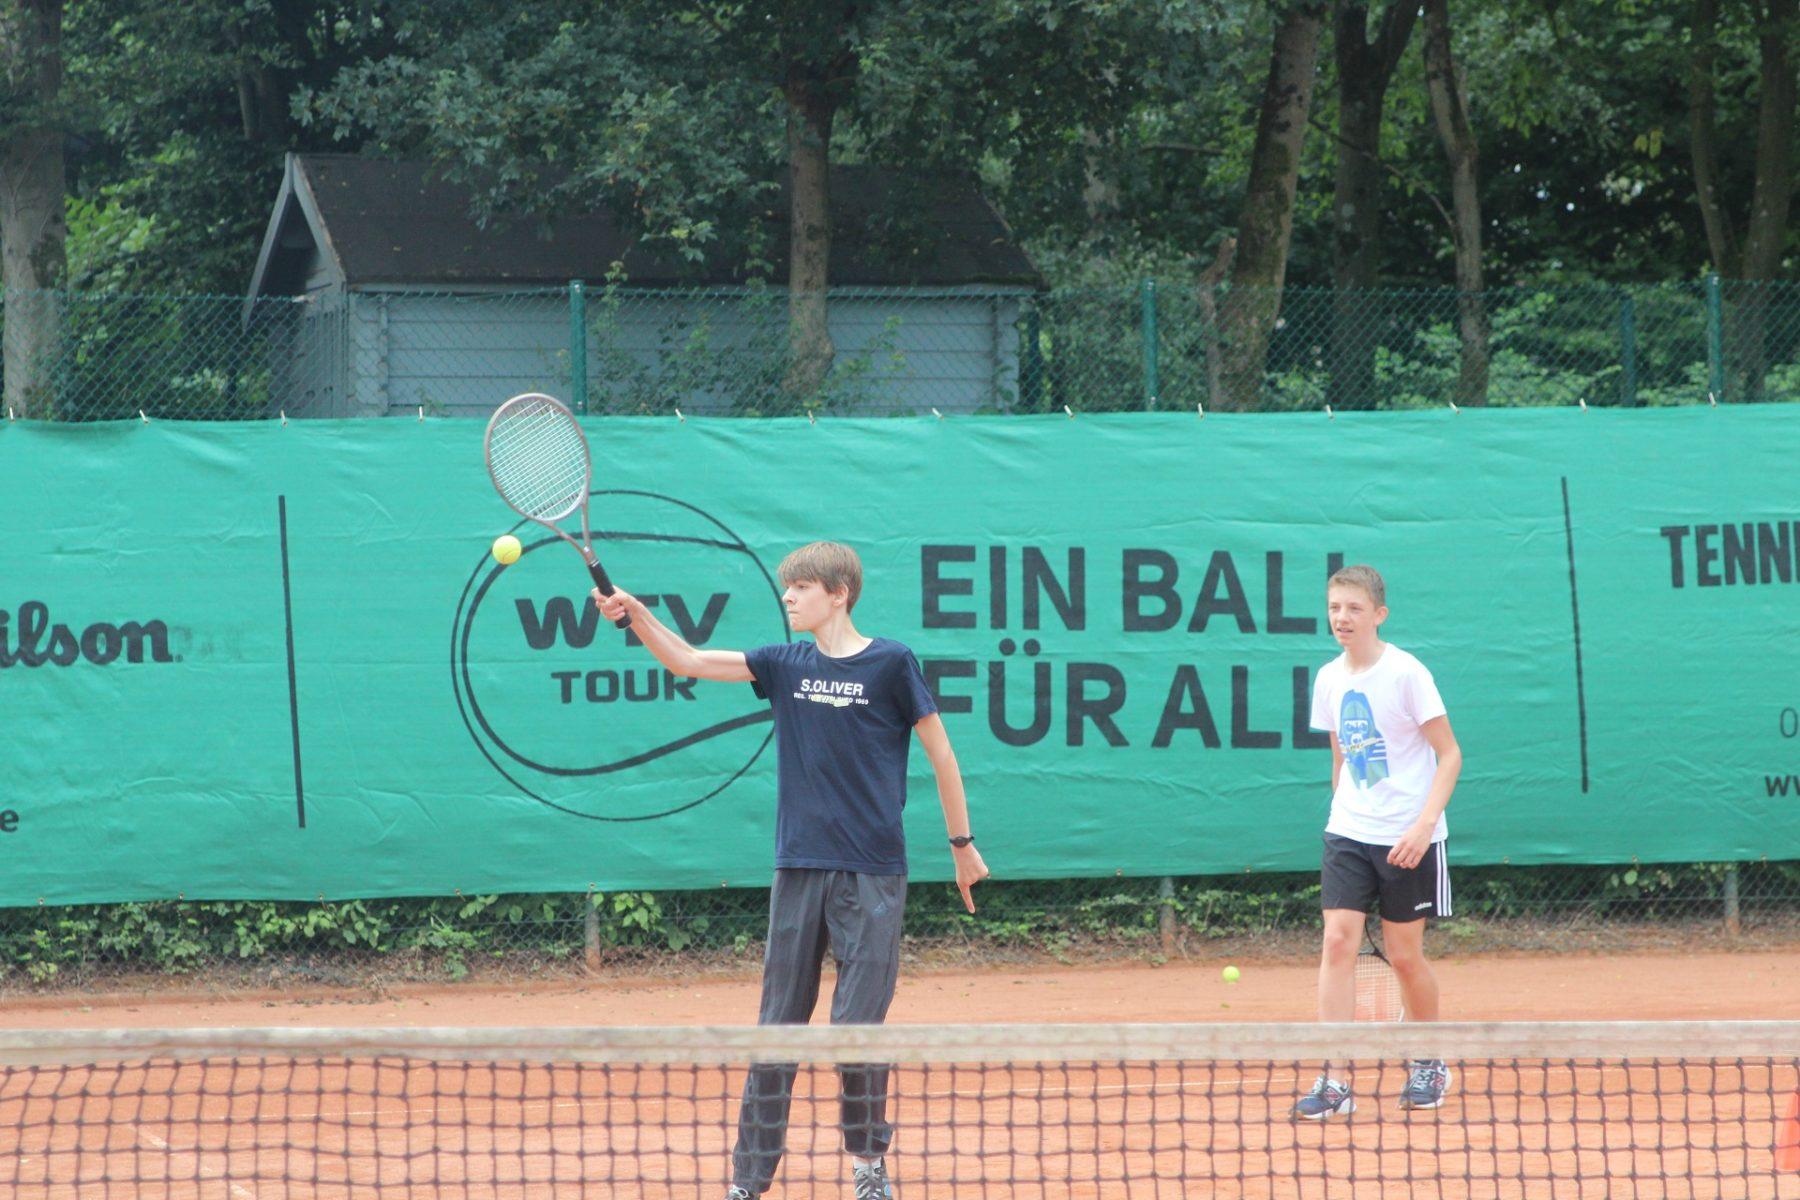 telekom-post-sv-tennisabteilung-feriencamp-2020-bild-5-klein